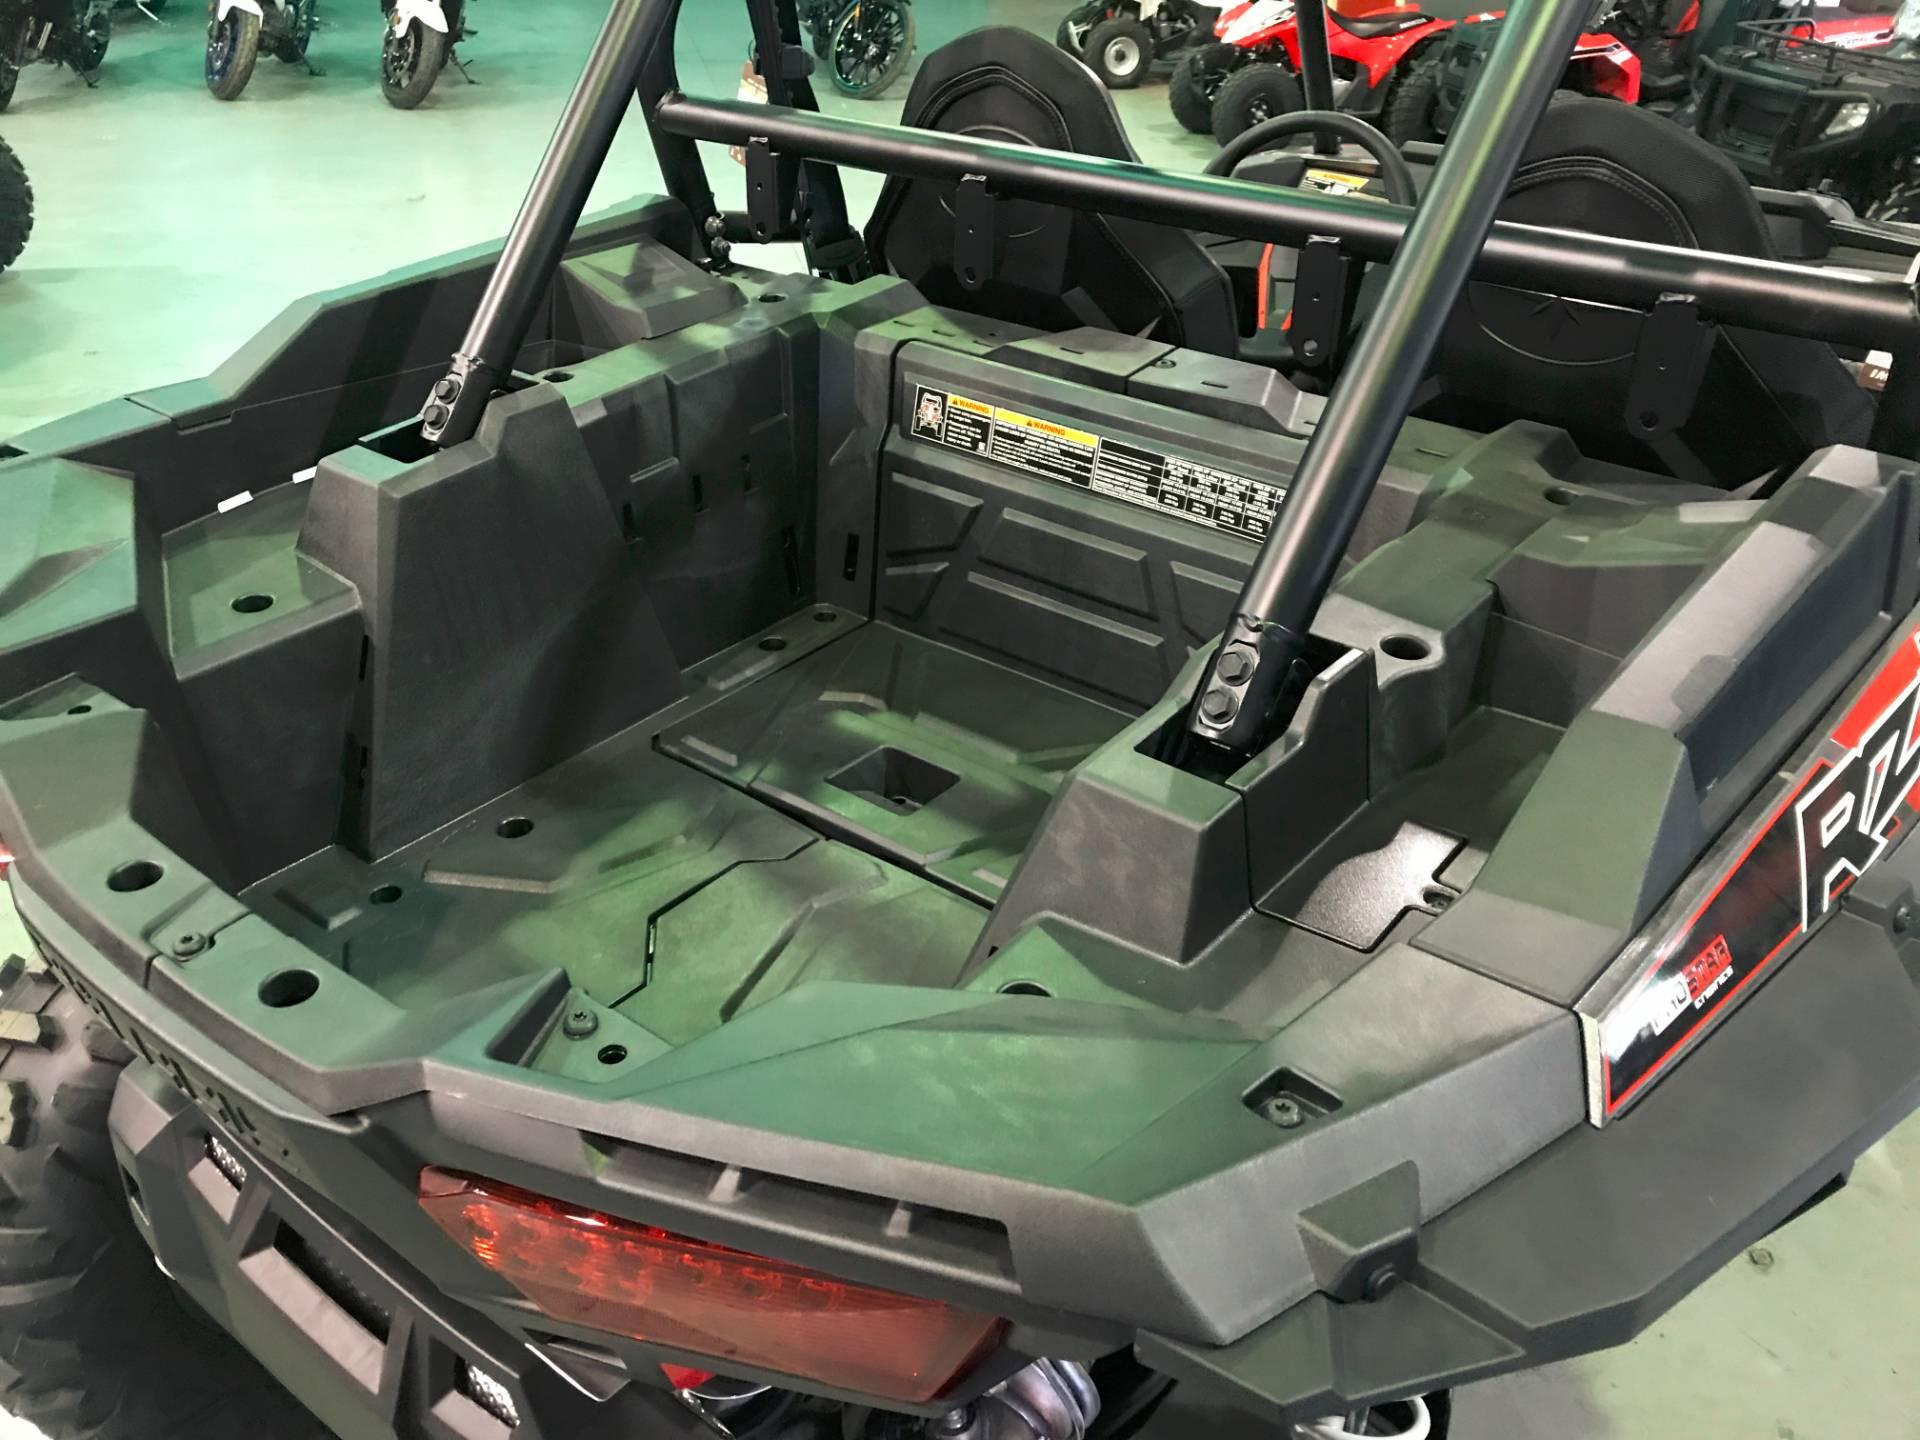 2017 Polaris RZR XP 1000 EPS 8